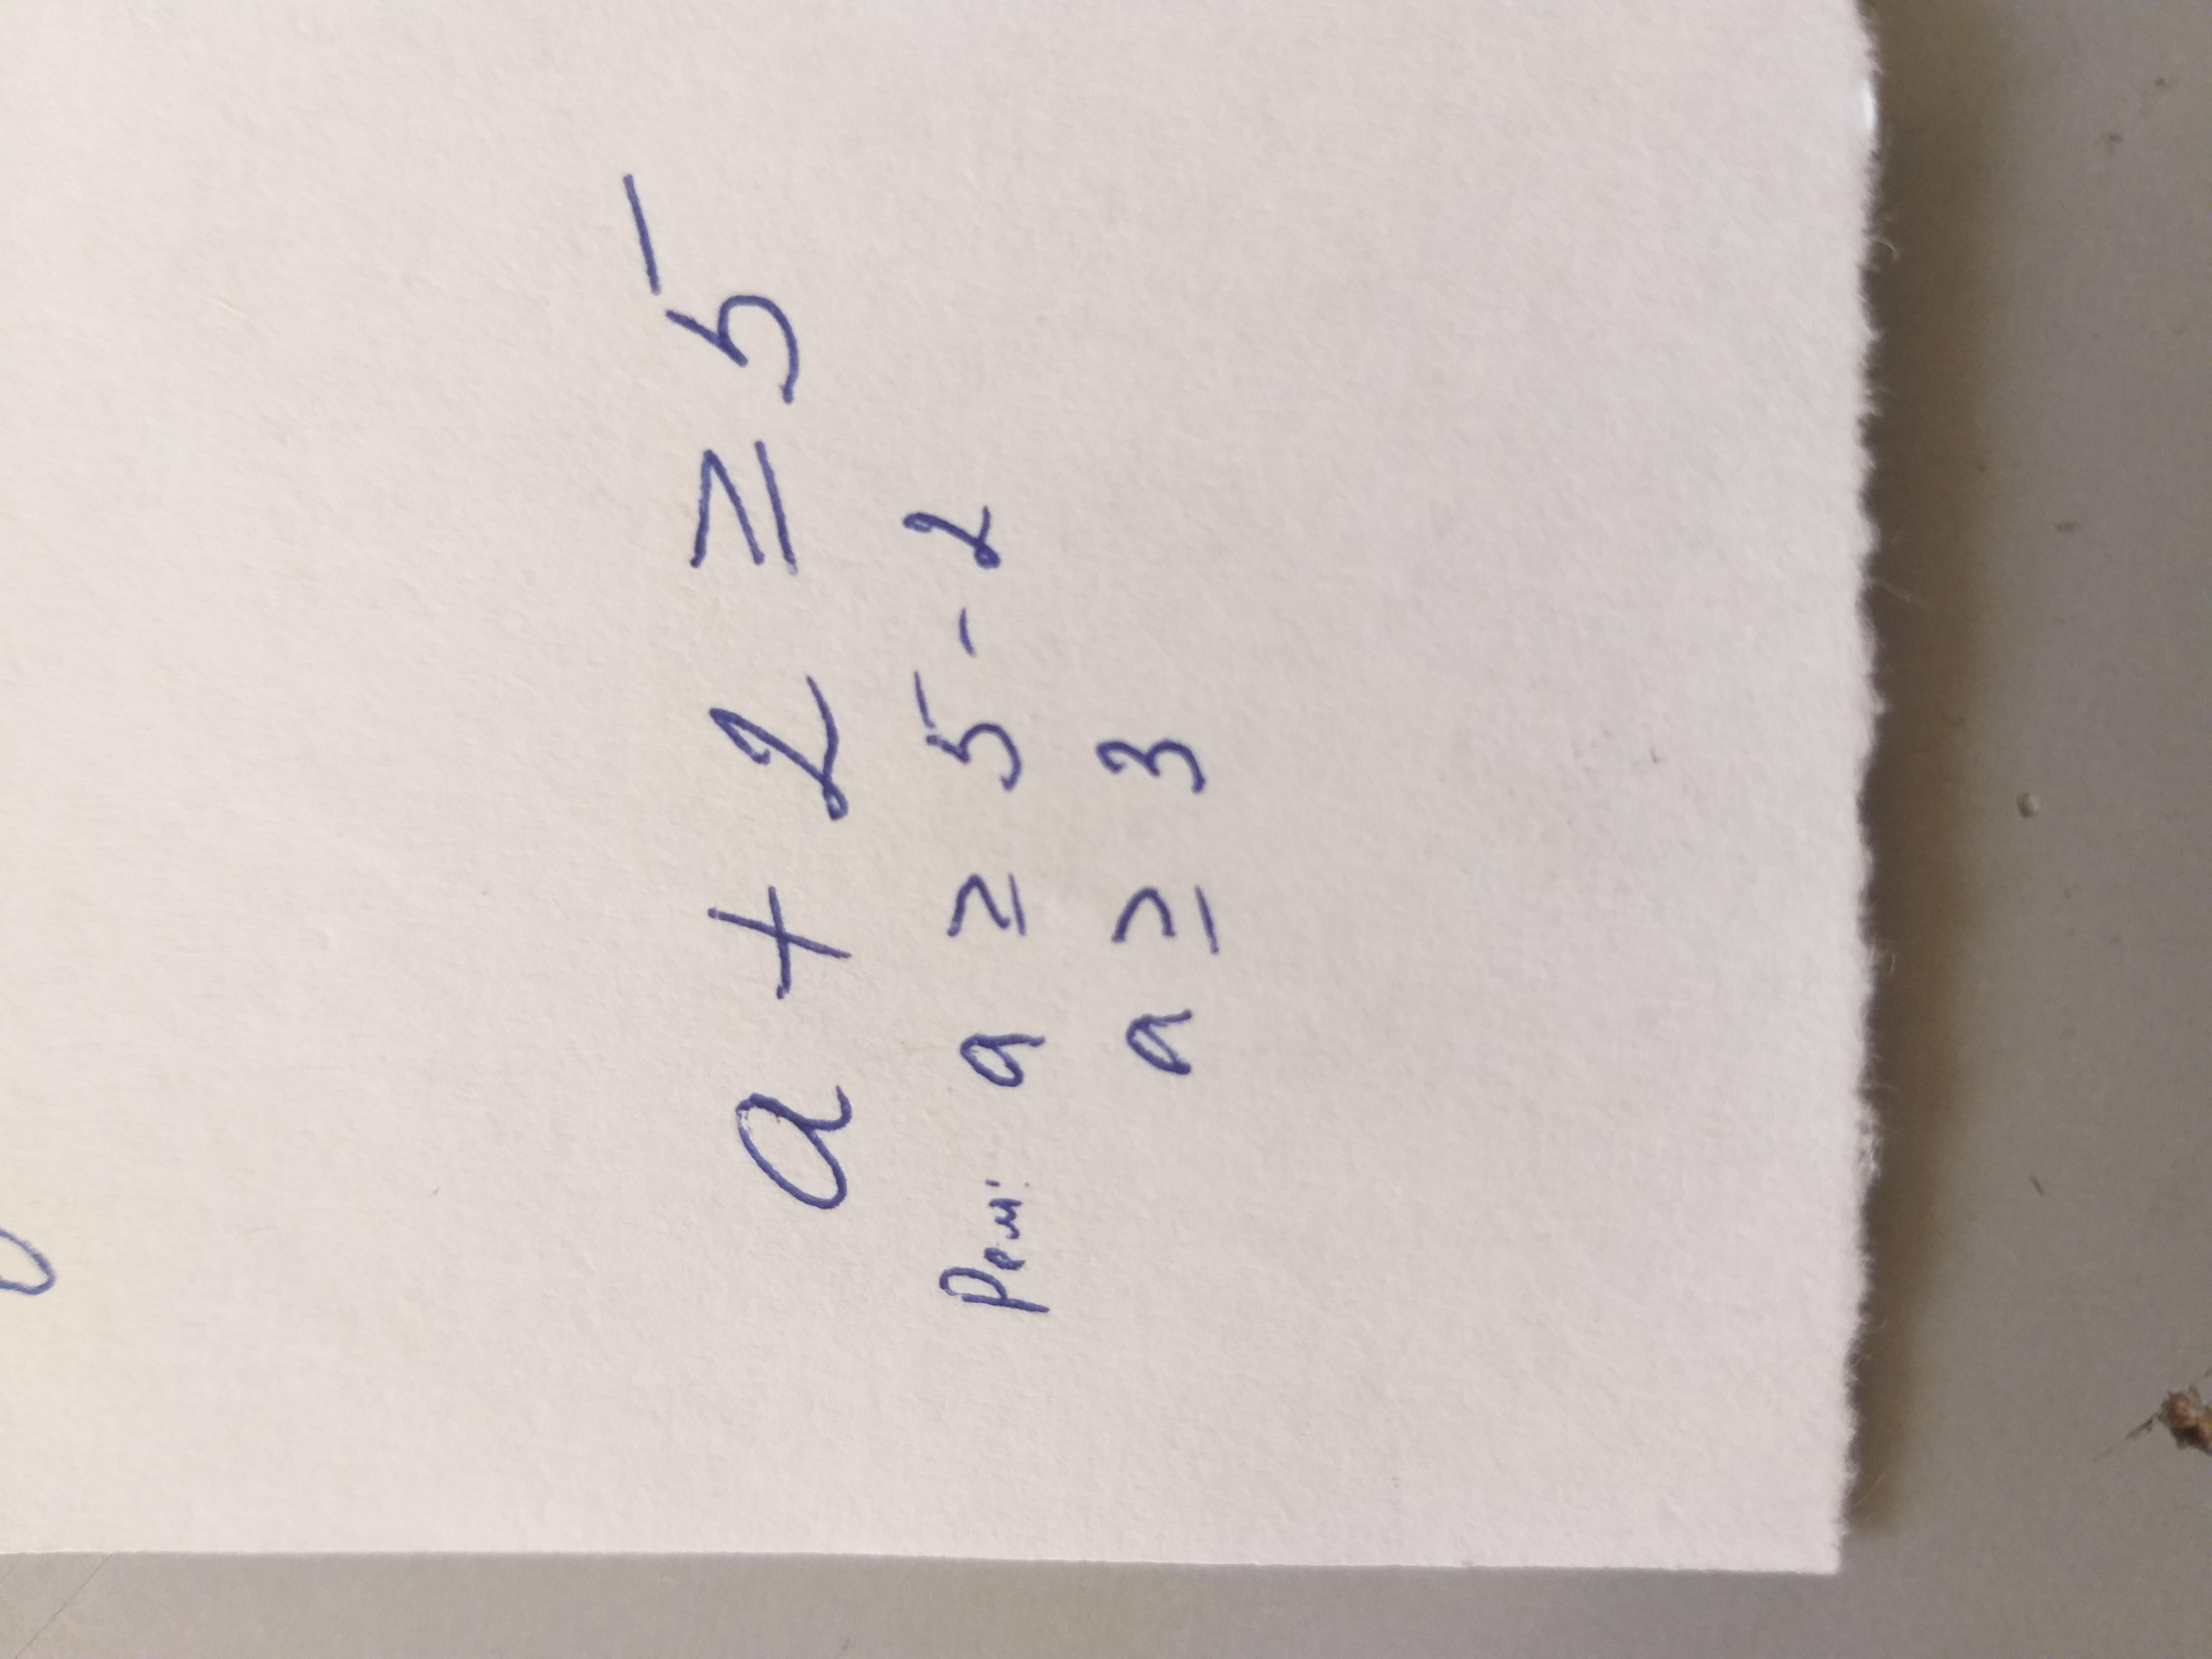 Сумма числа а и двух не меньше пяти